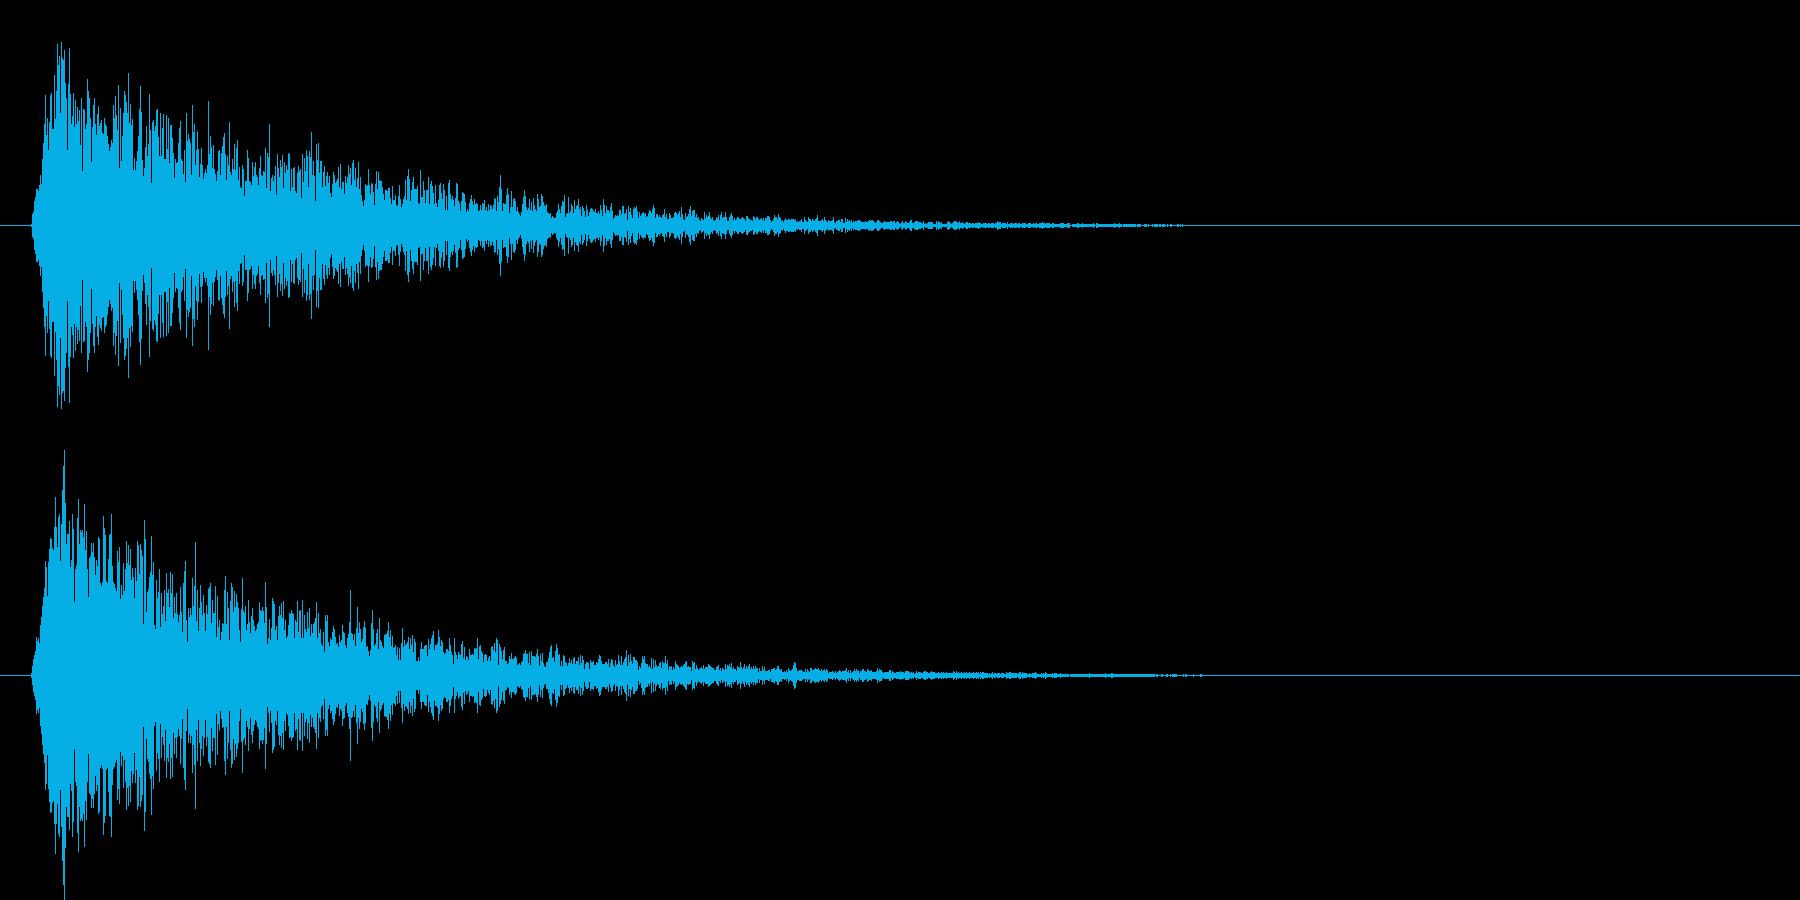 シャーン(斬撃音)の再生済みの波形